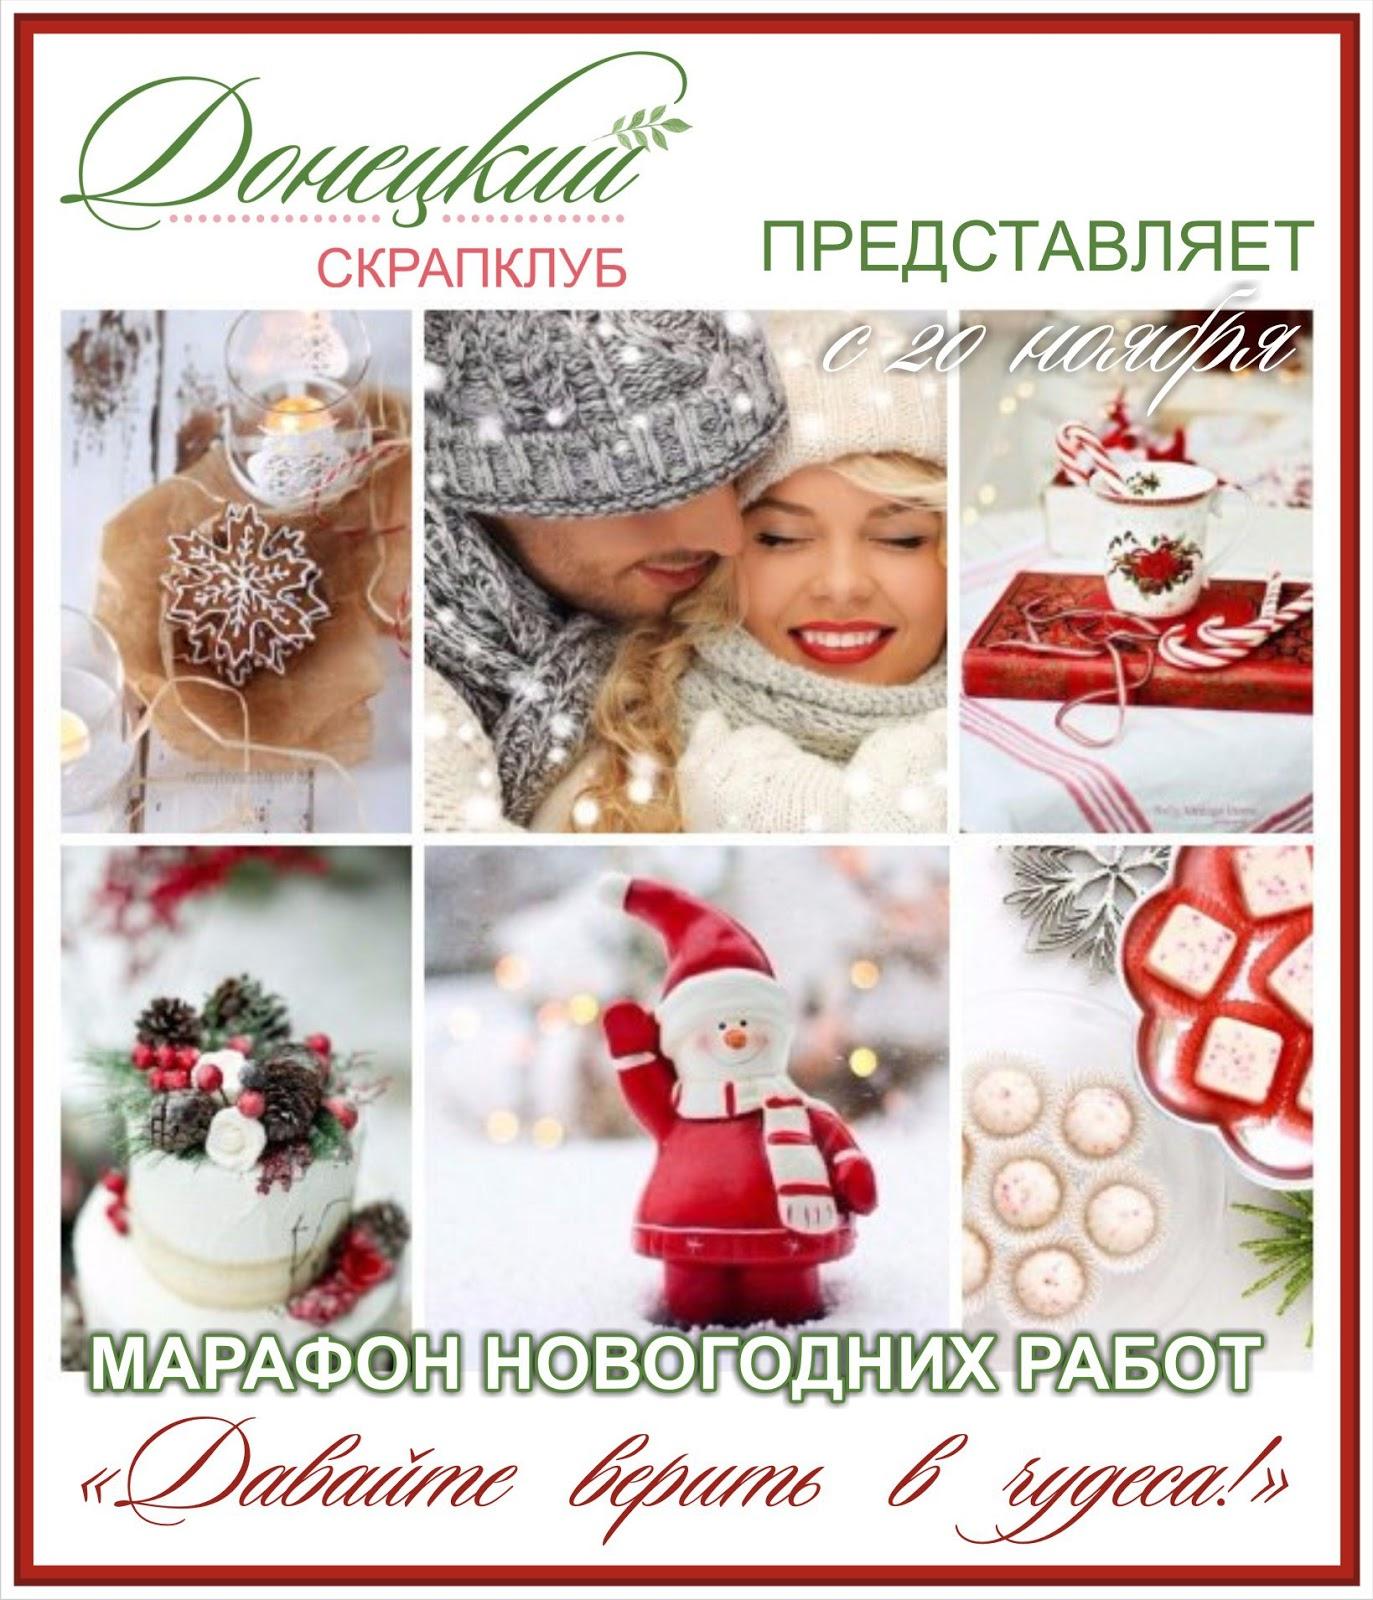 """Марафон новогодних работ """"Давайте верить в чудеса!"""""""